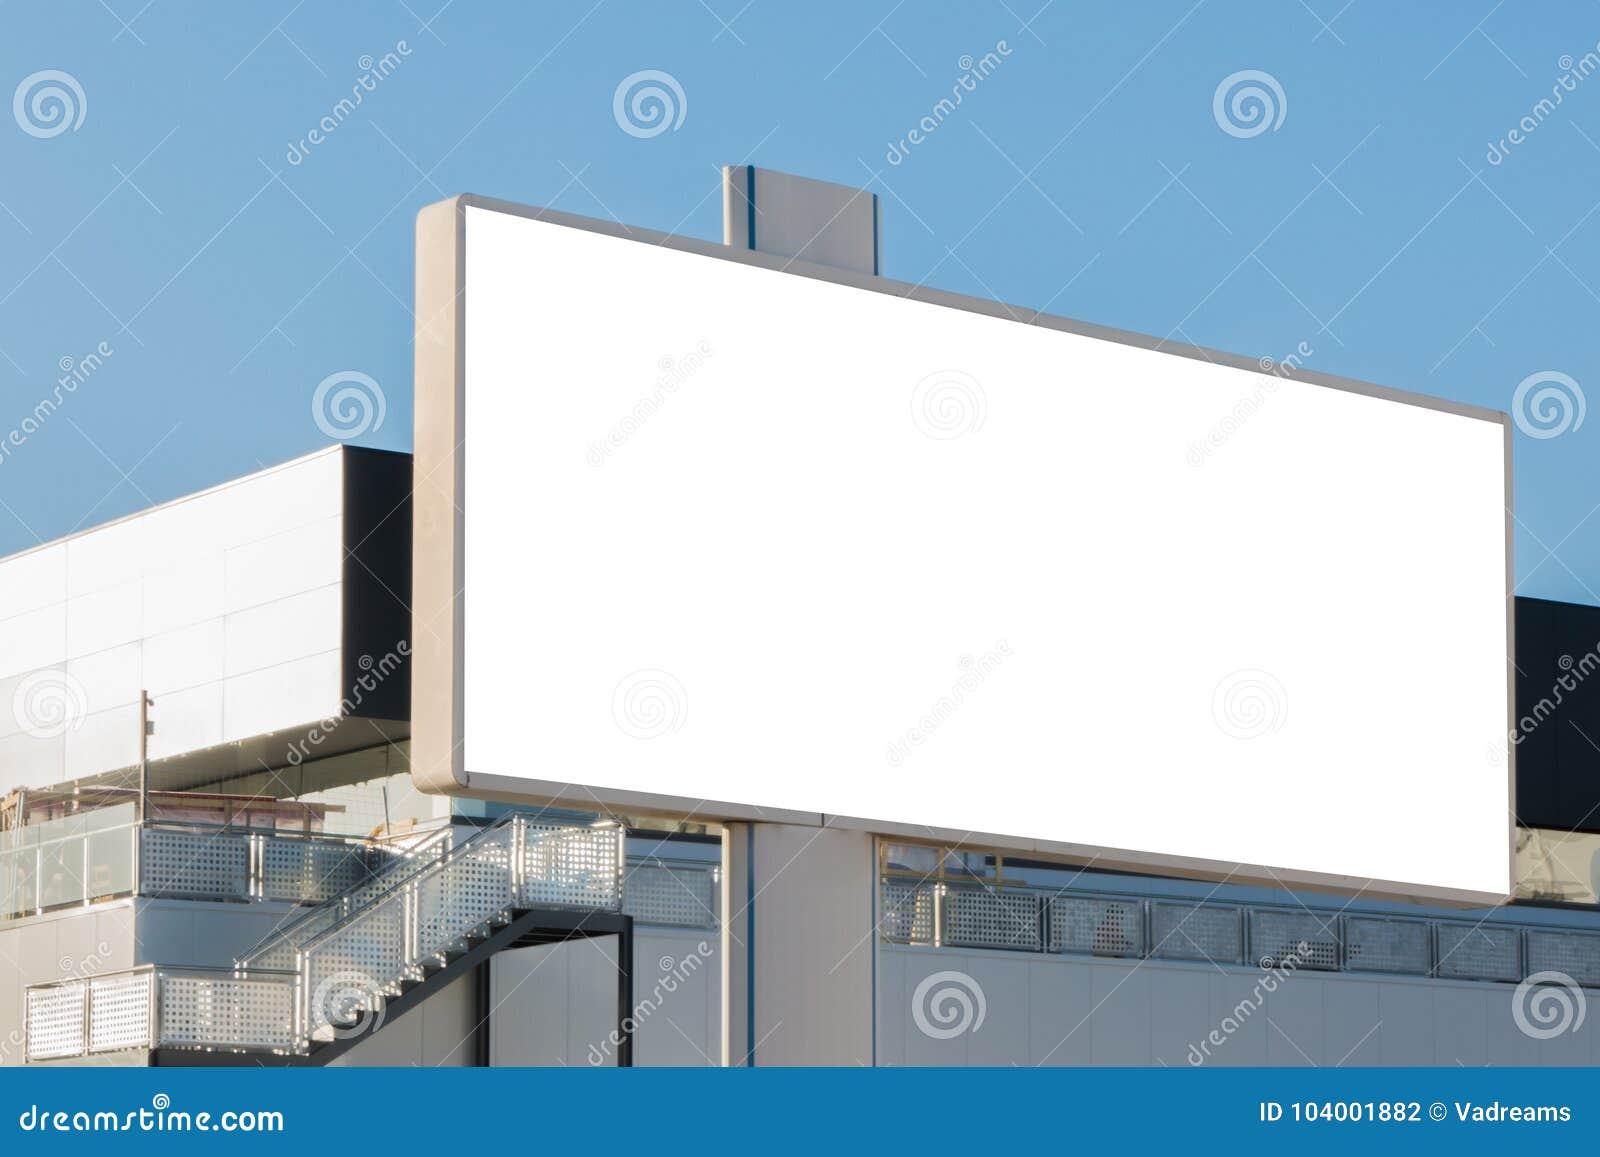 嘲笑 空白的广告牌,信息委员会,给海报做广告